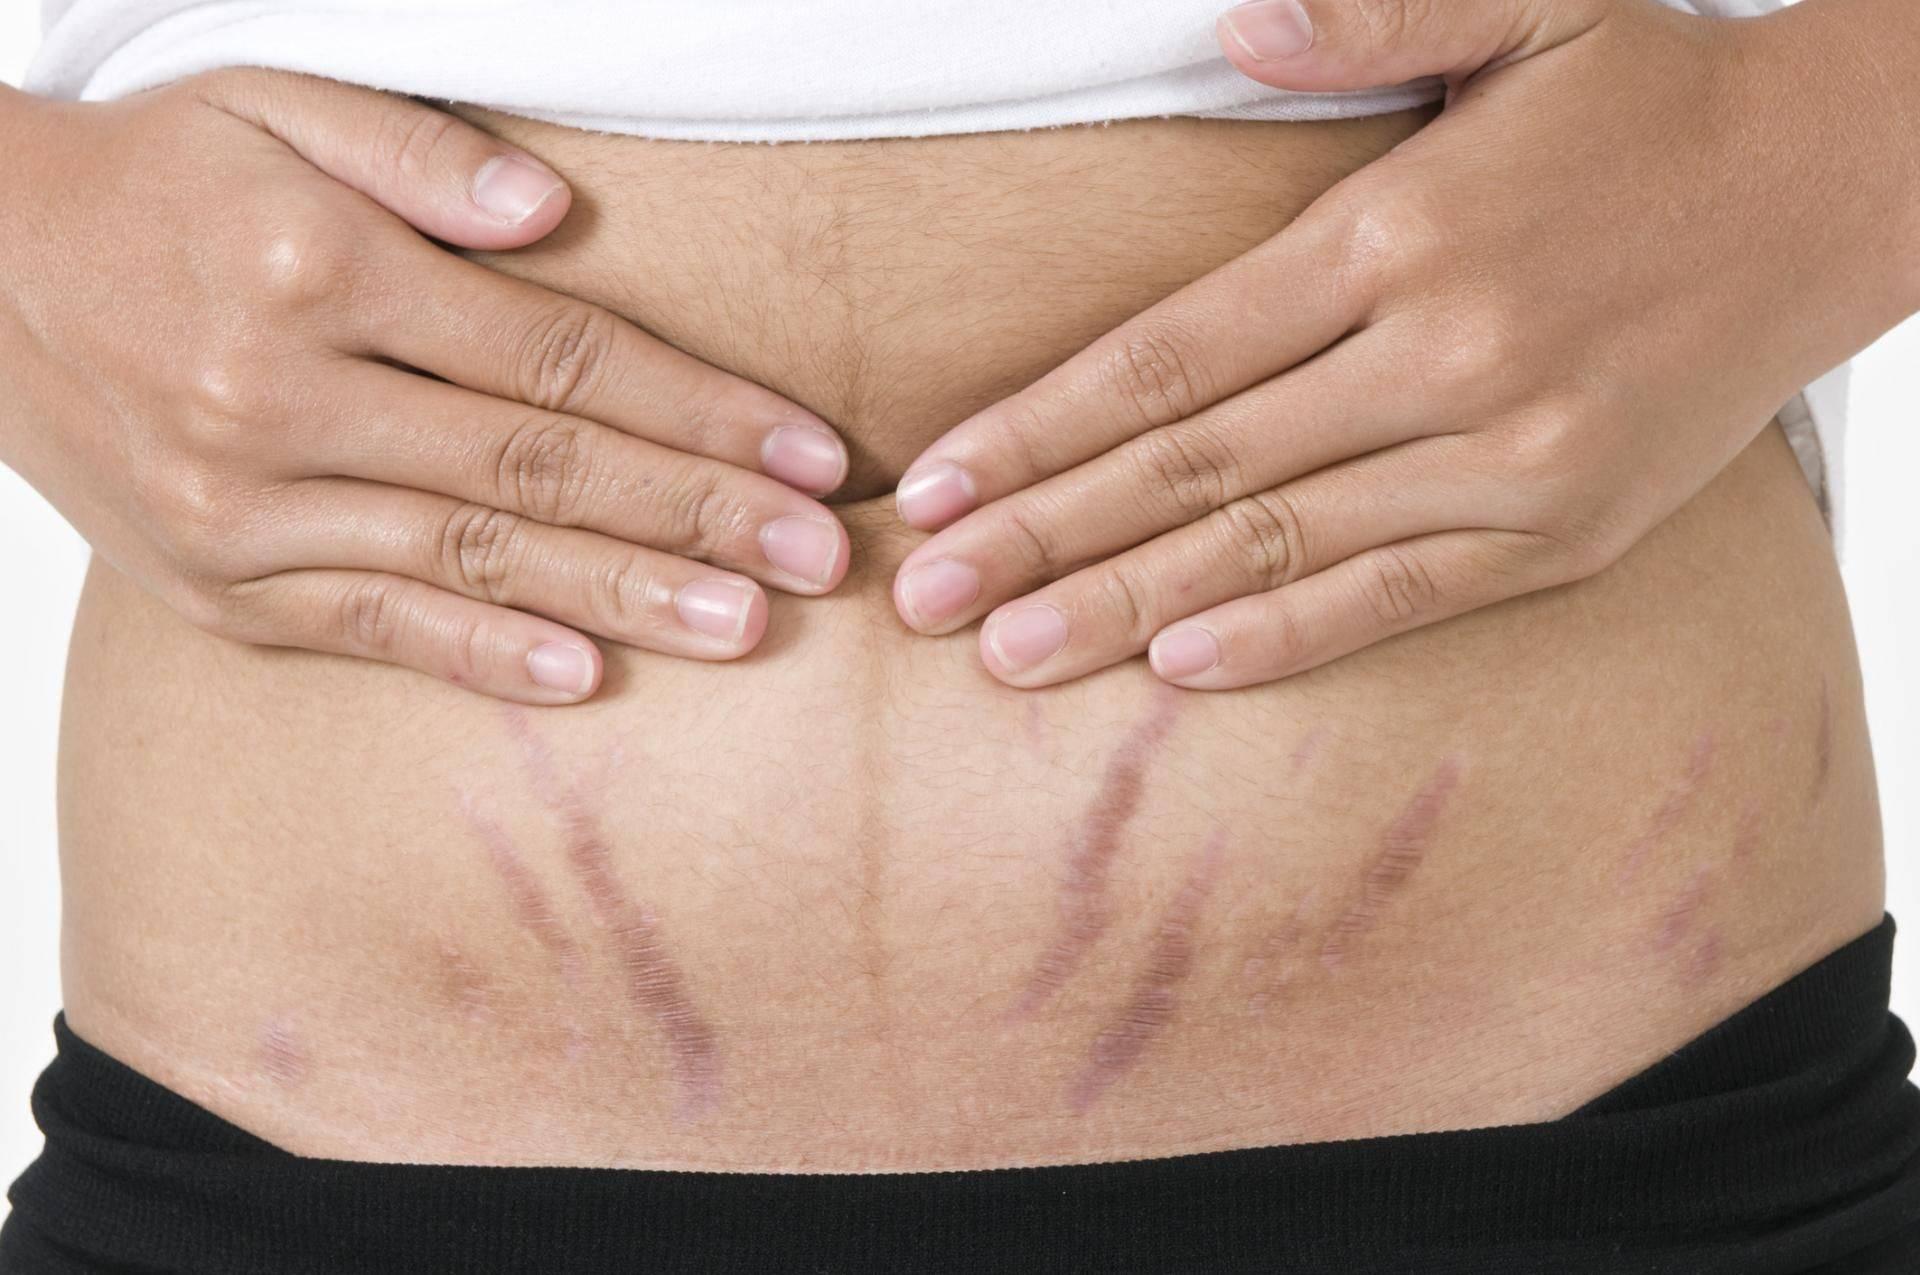 Как бороться с растяжками на груди во время беременности. как от них избавиться?